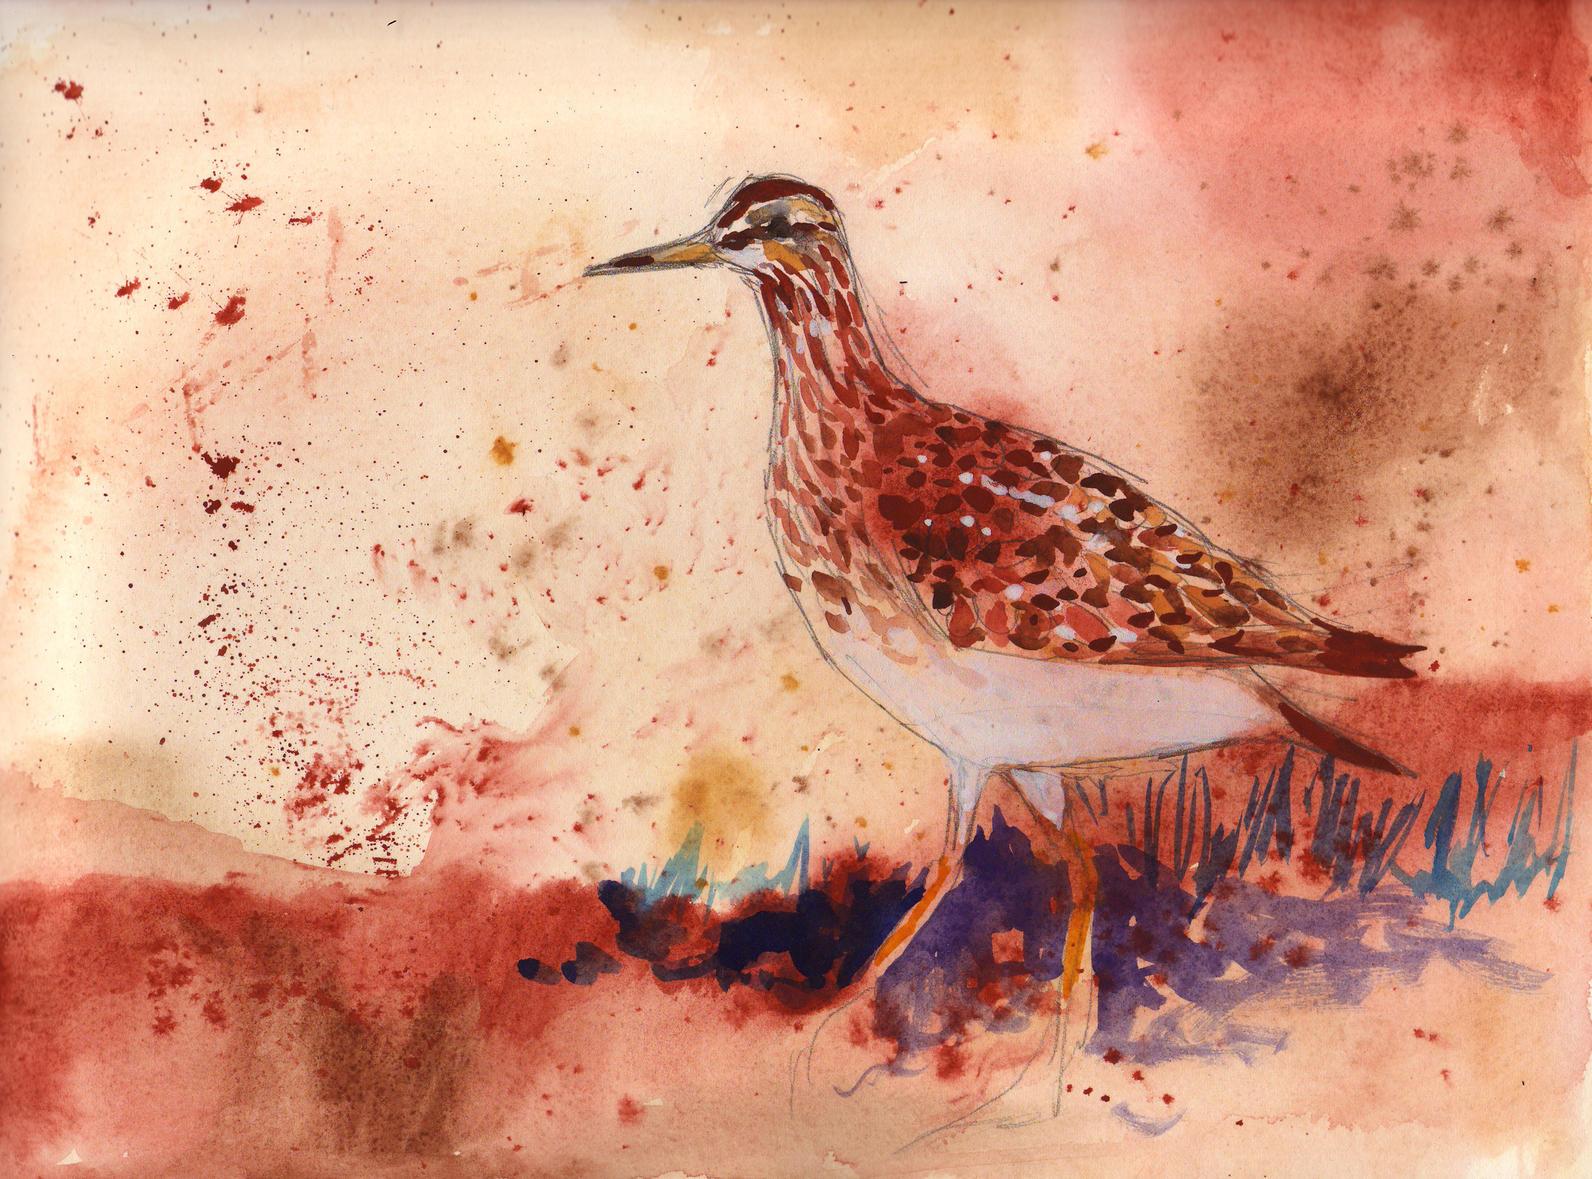 Shorebird painting by Erin Cooper